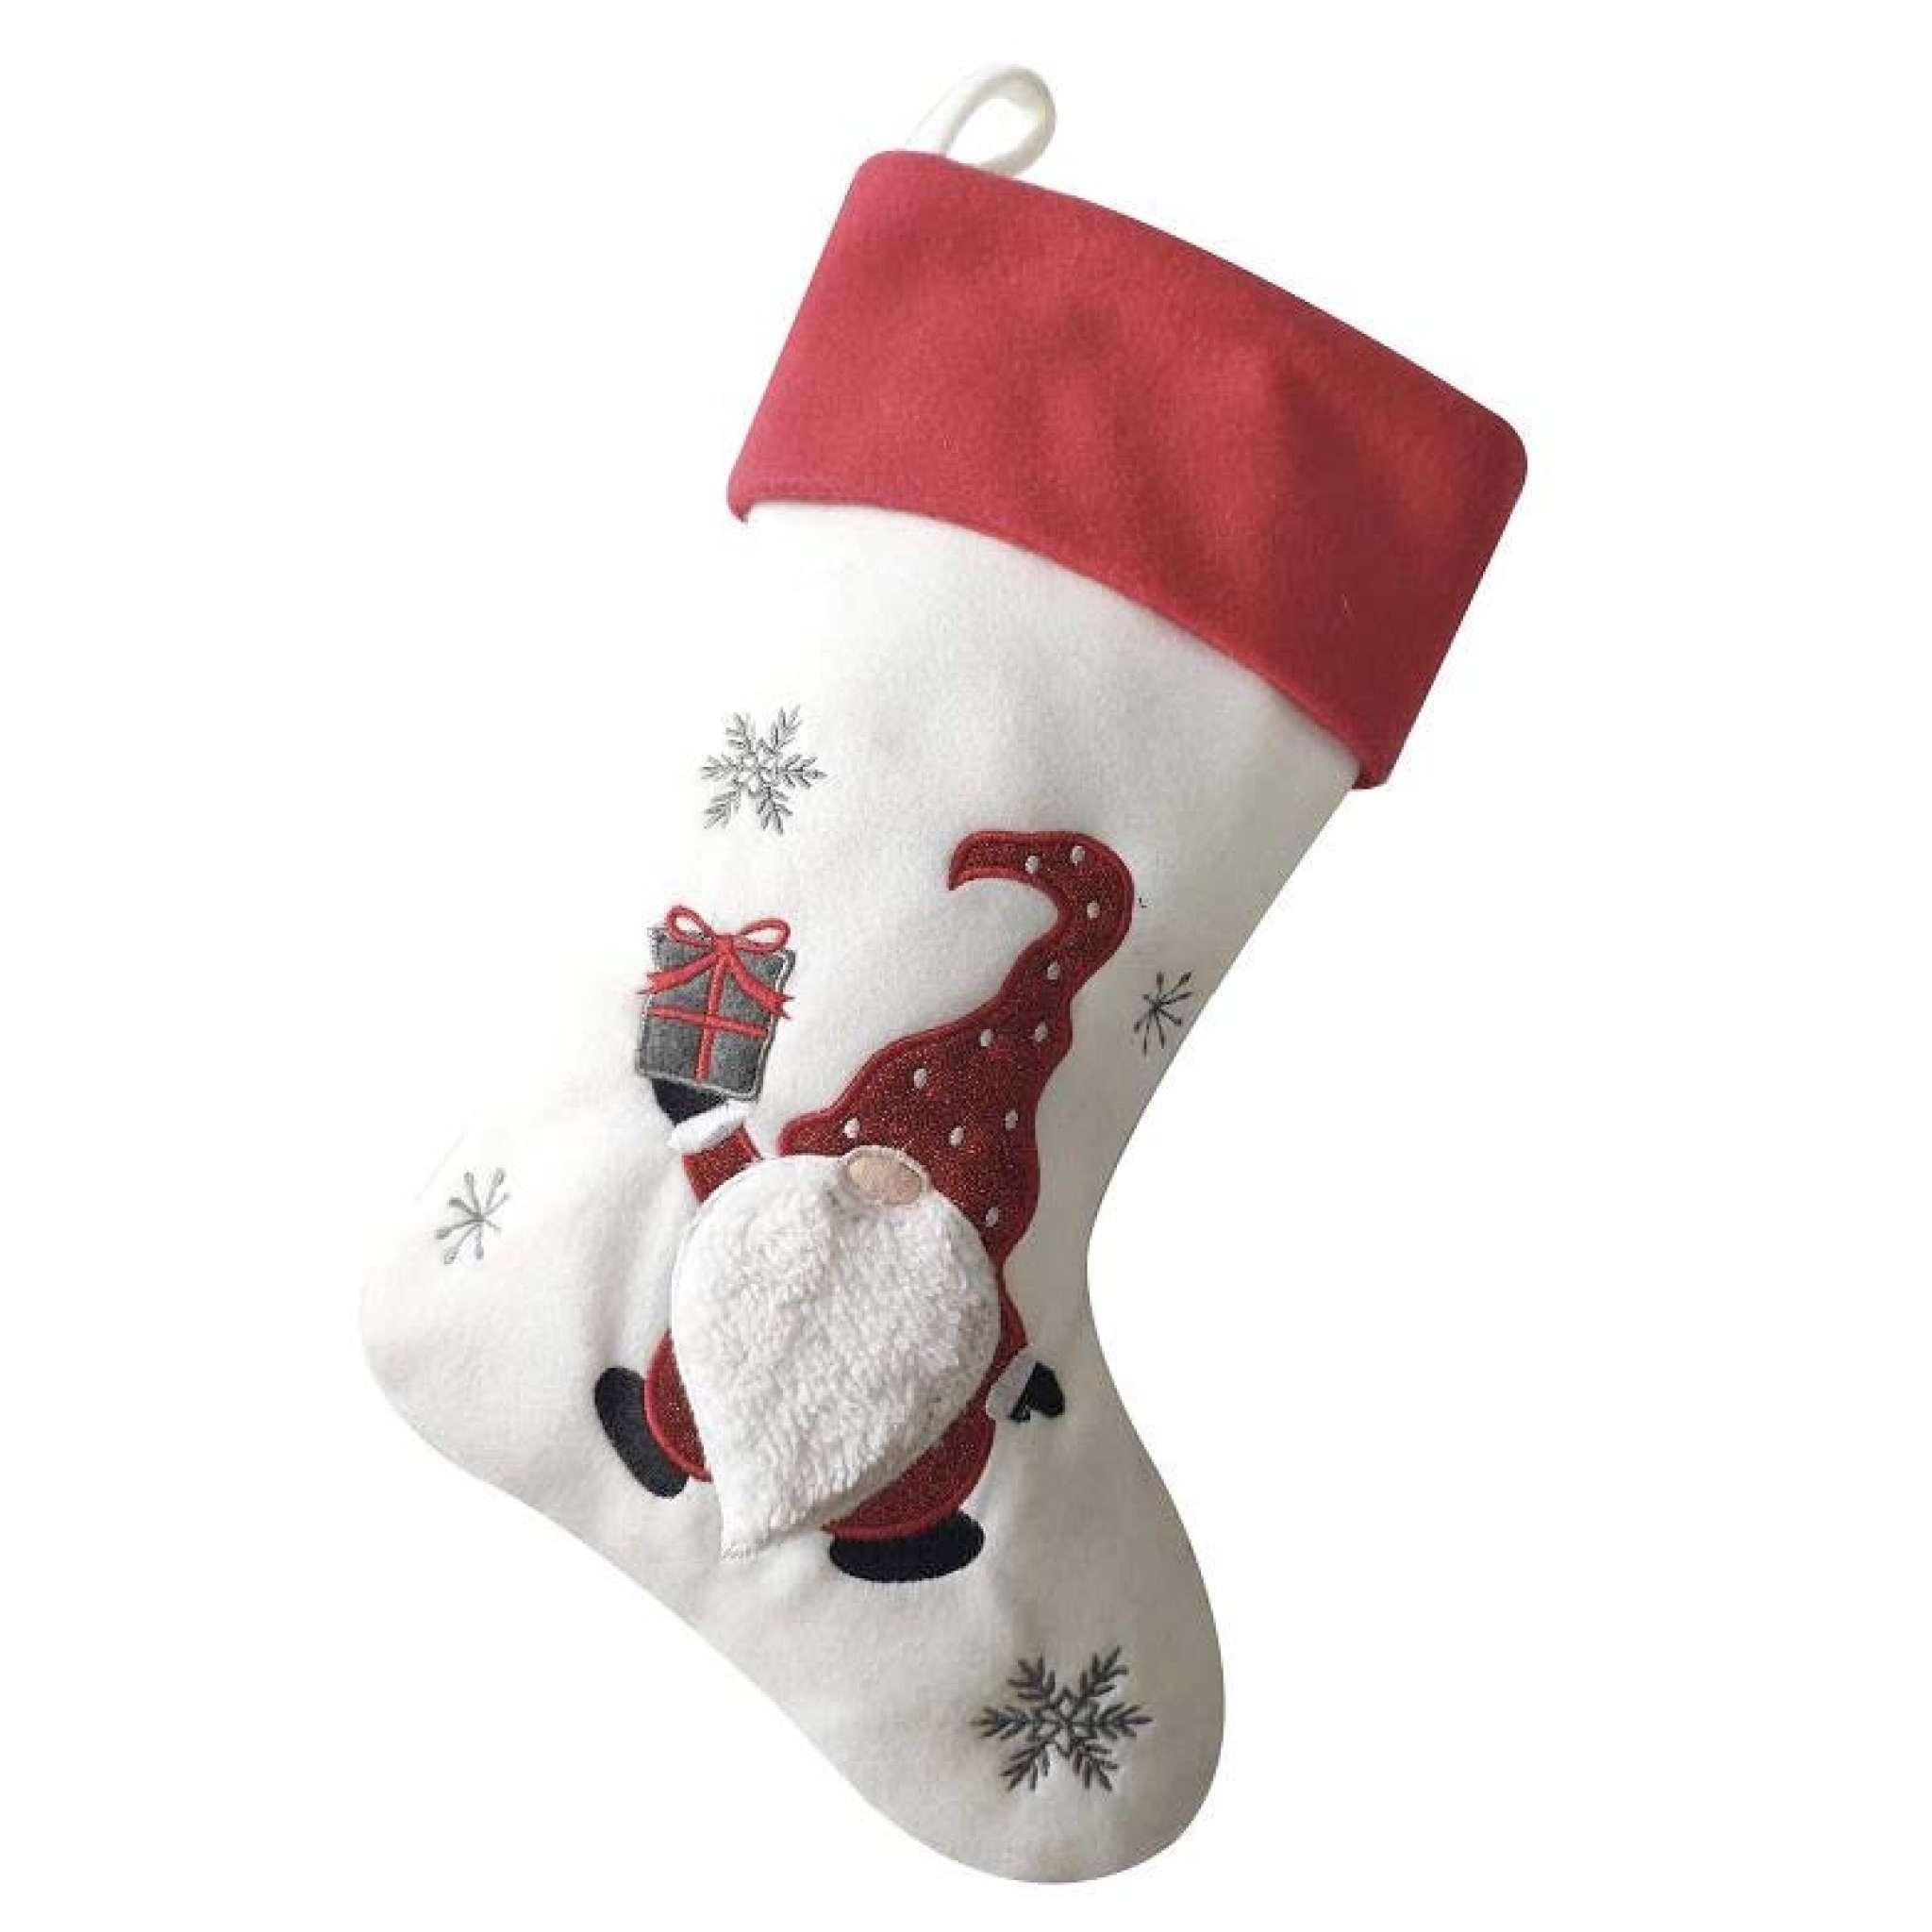 Joulusukka Premium, Joulutonttu valkoinen